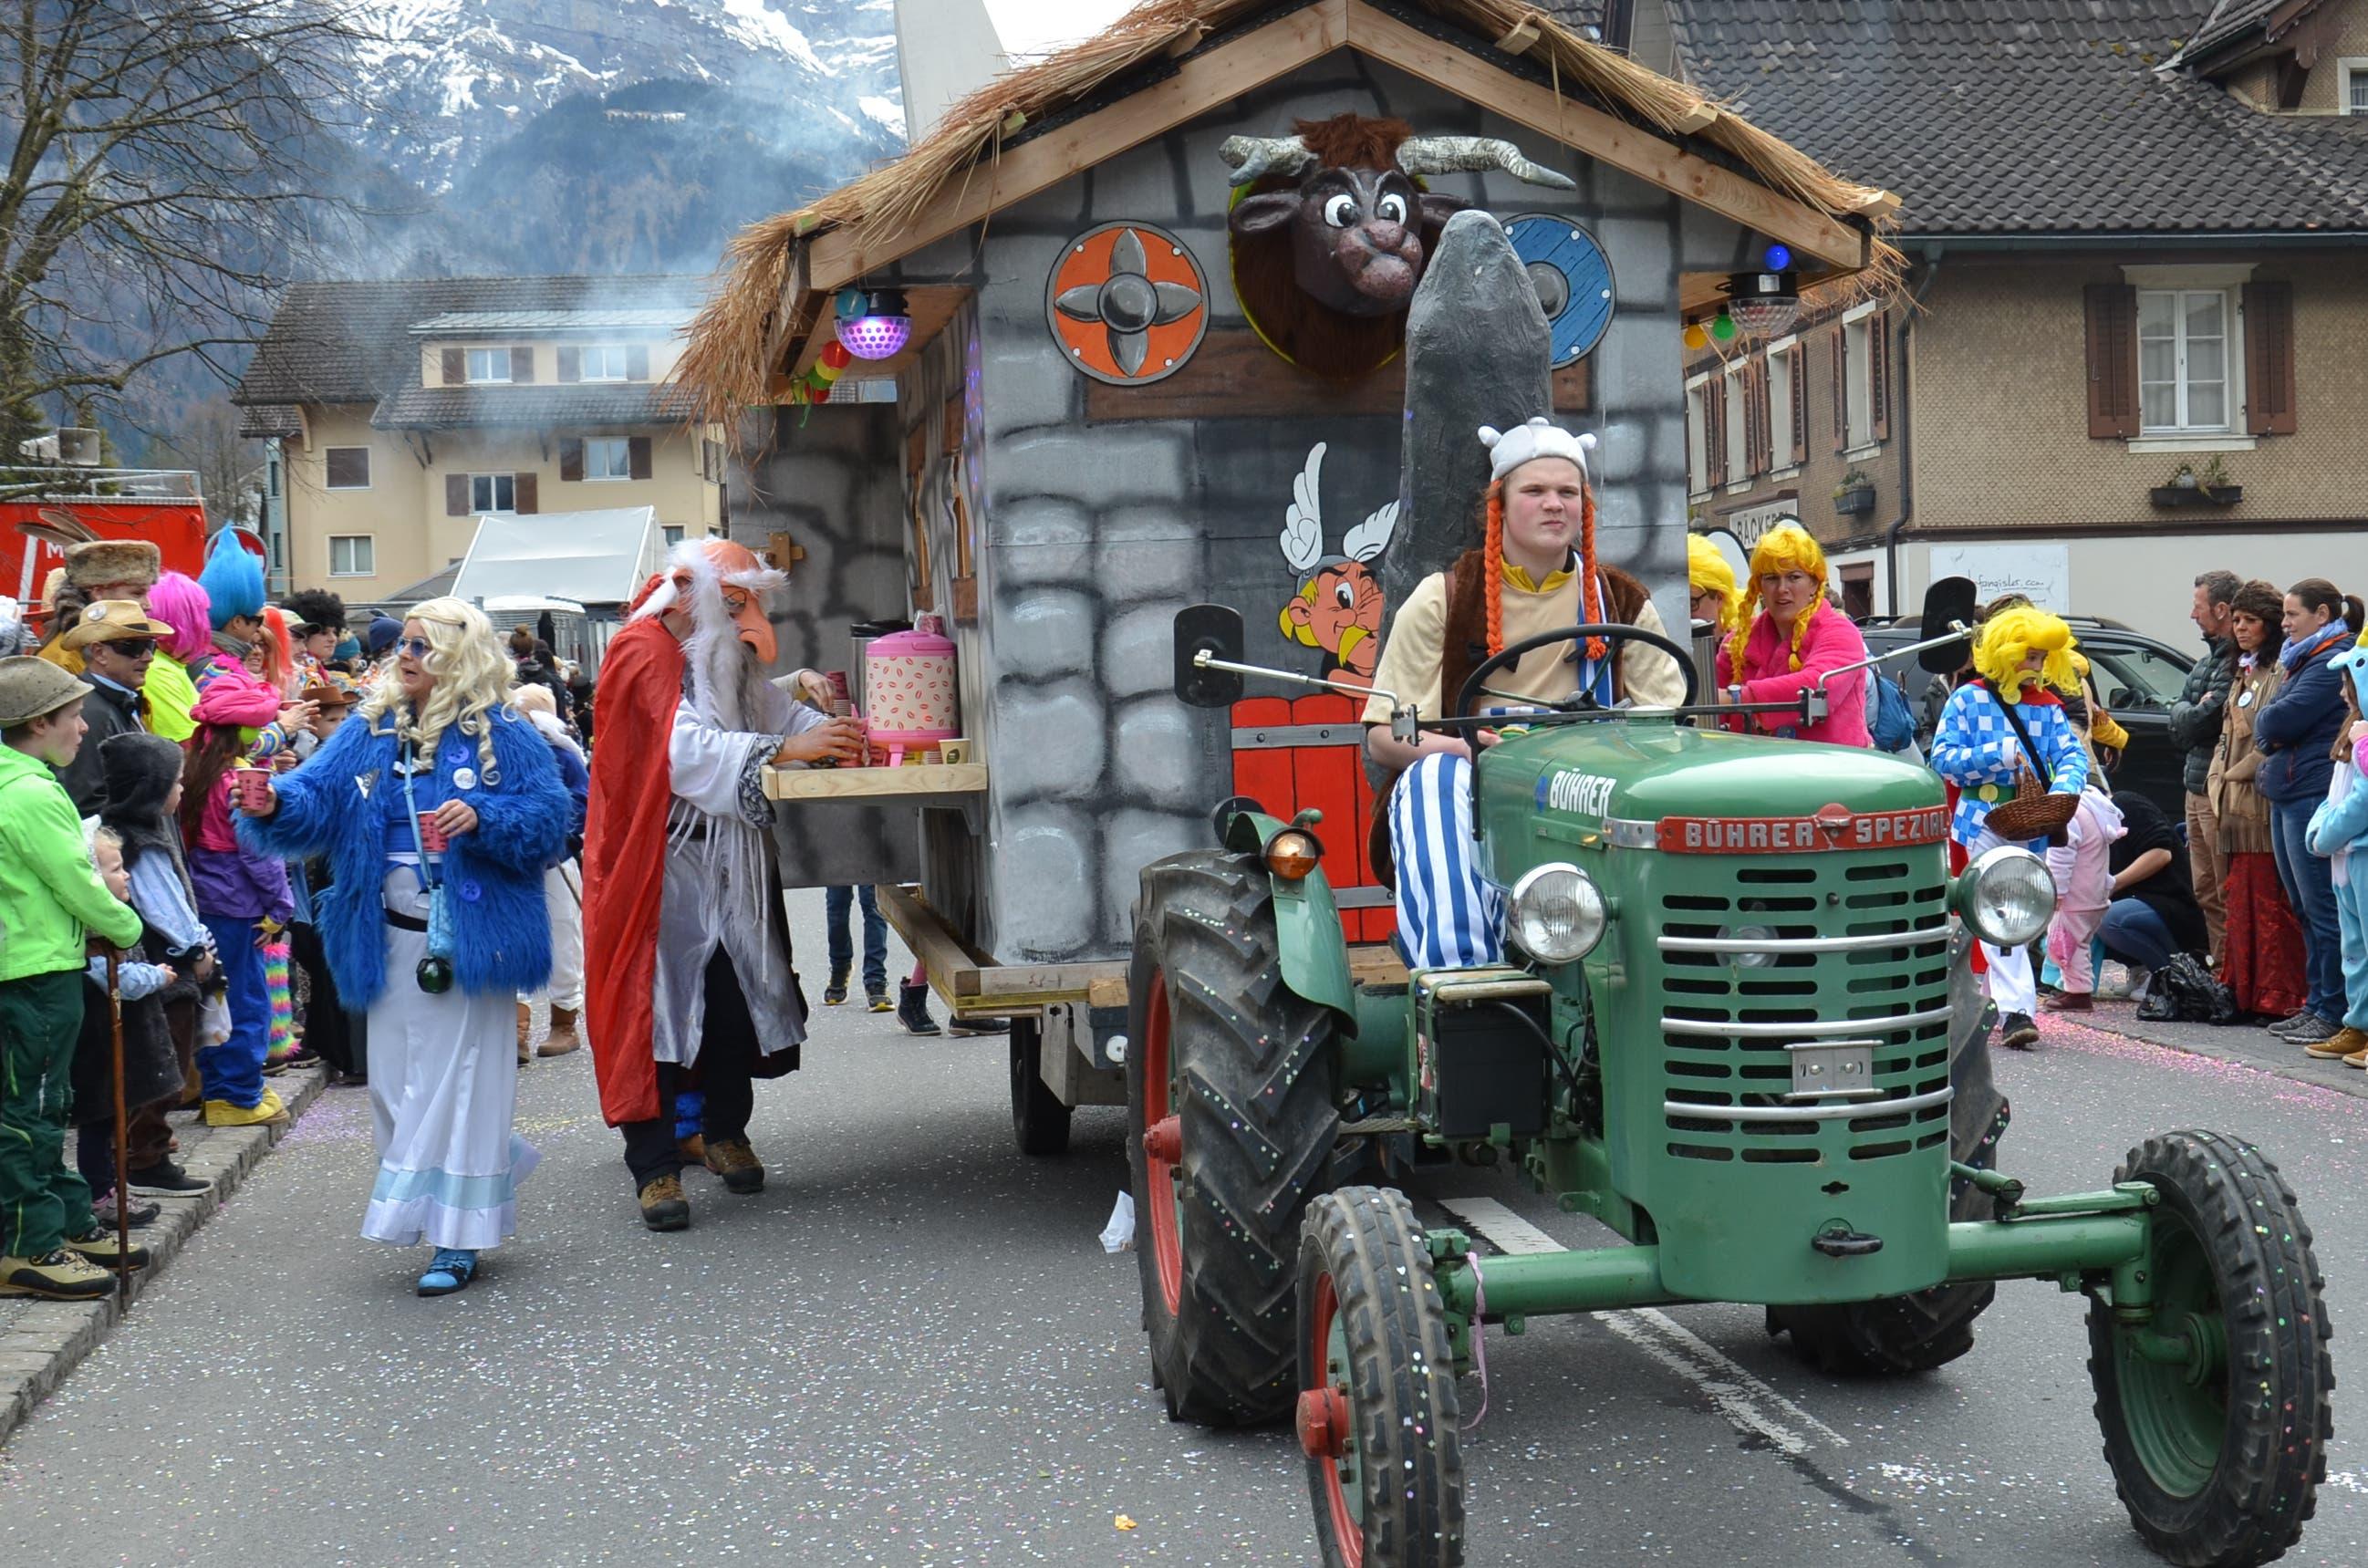 Obelix fährt mit seinen Freunden aus dem kleinen Dorf der Unbeugsamen in Dallenwil ein.